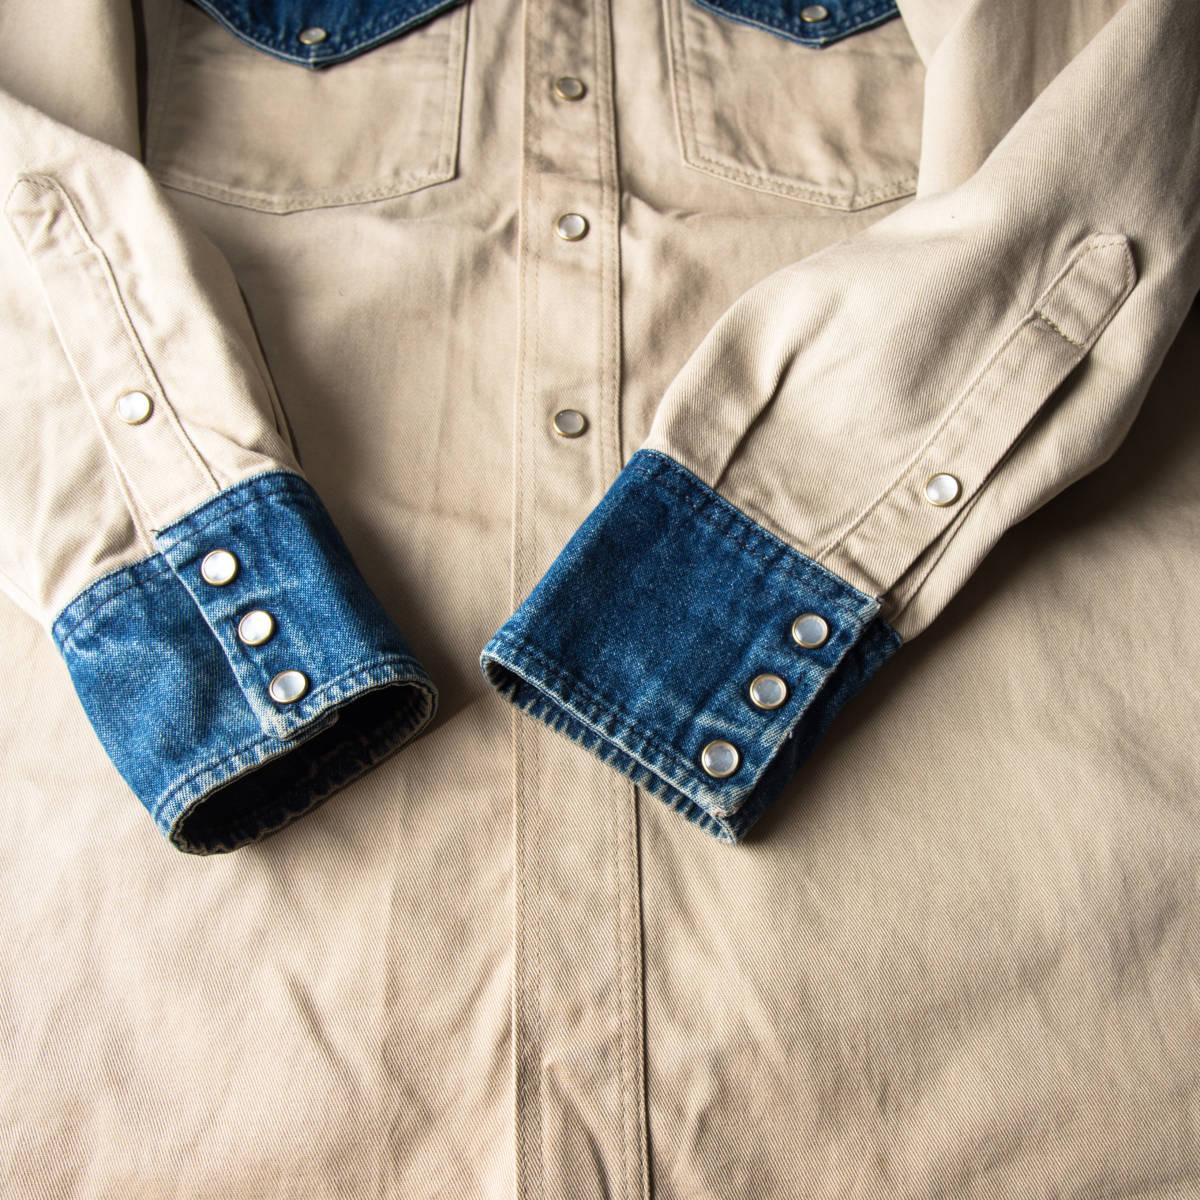 希少 70s ~ USA製 LAPCO デニム & チノ ウエスタン ワーク シャツ 黒タグ / ビンテージ 古着 コットン ジャケット コンビ 長袖 40s 50s 60s_画像5